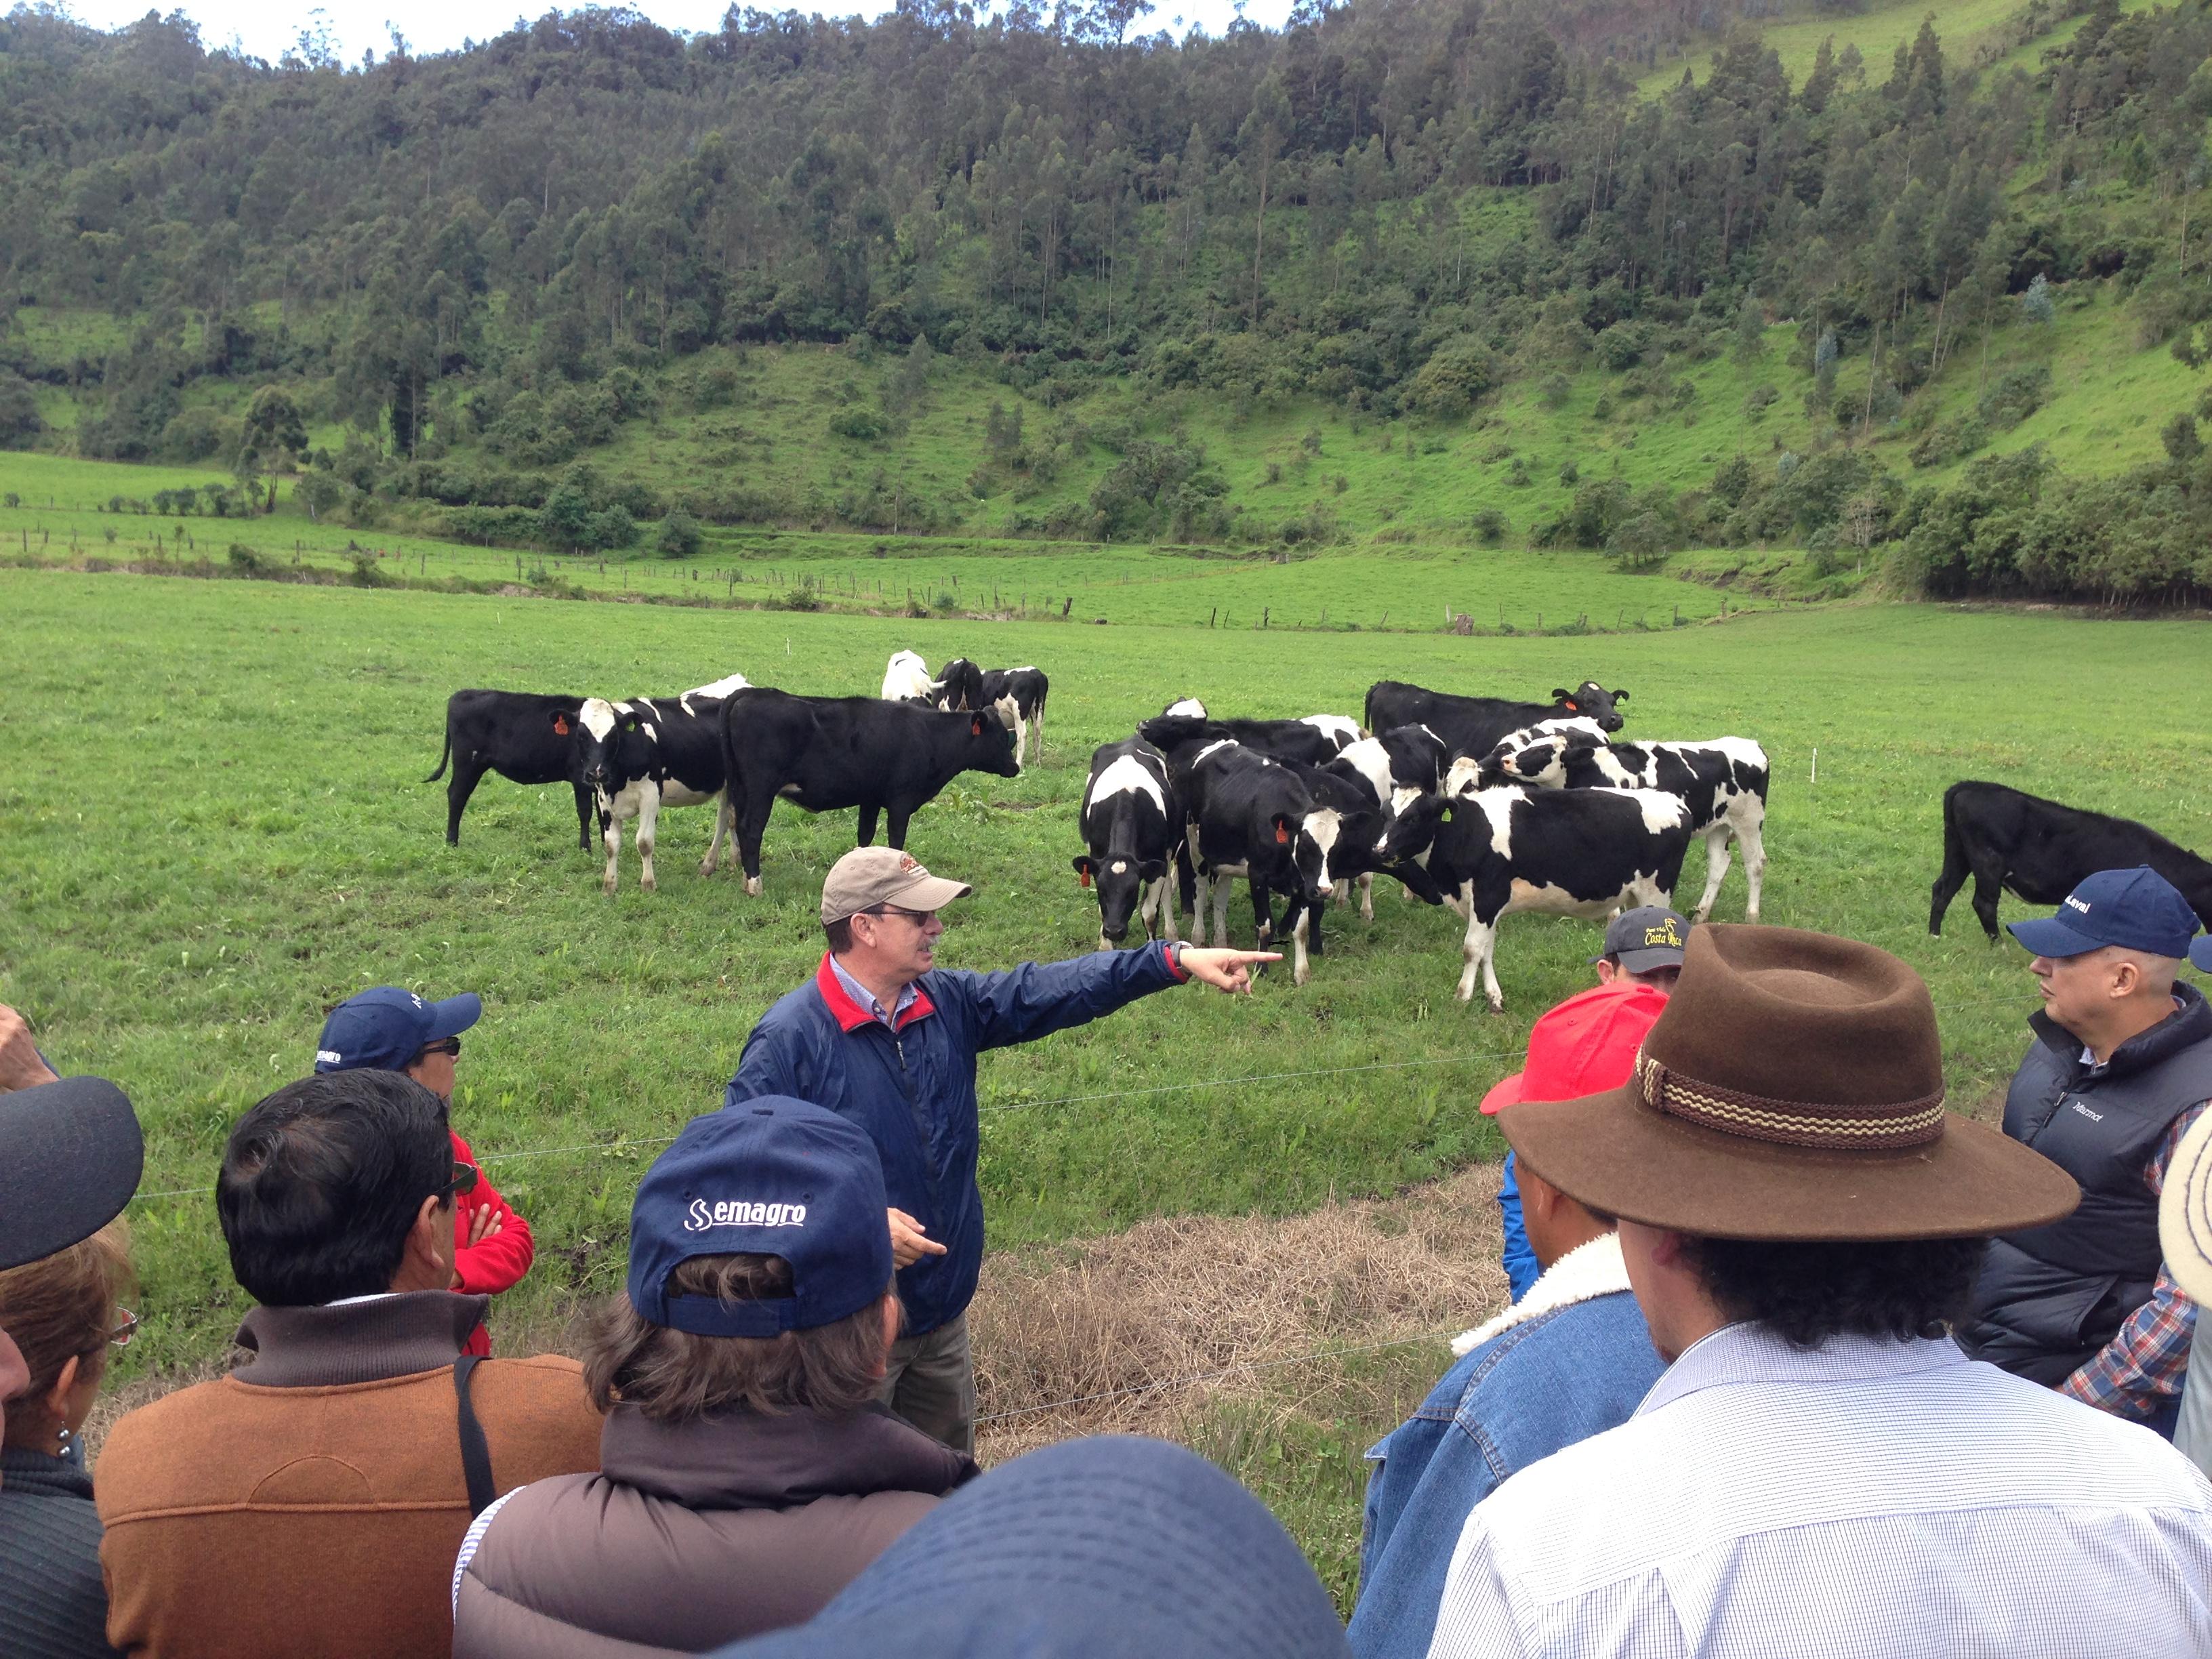 Grupo de ganaderos aprendiendo sobre manejo de potreros en ecuador con Carlos Batallas